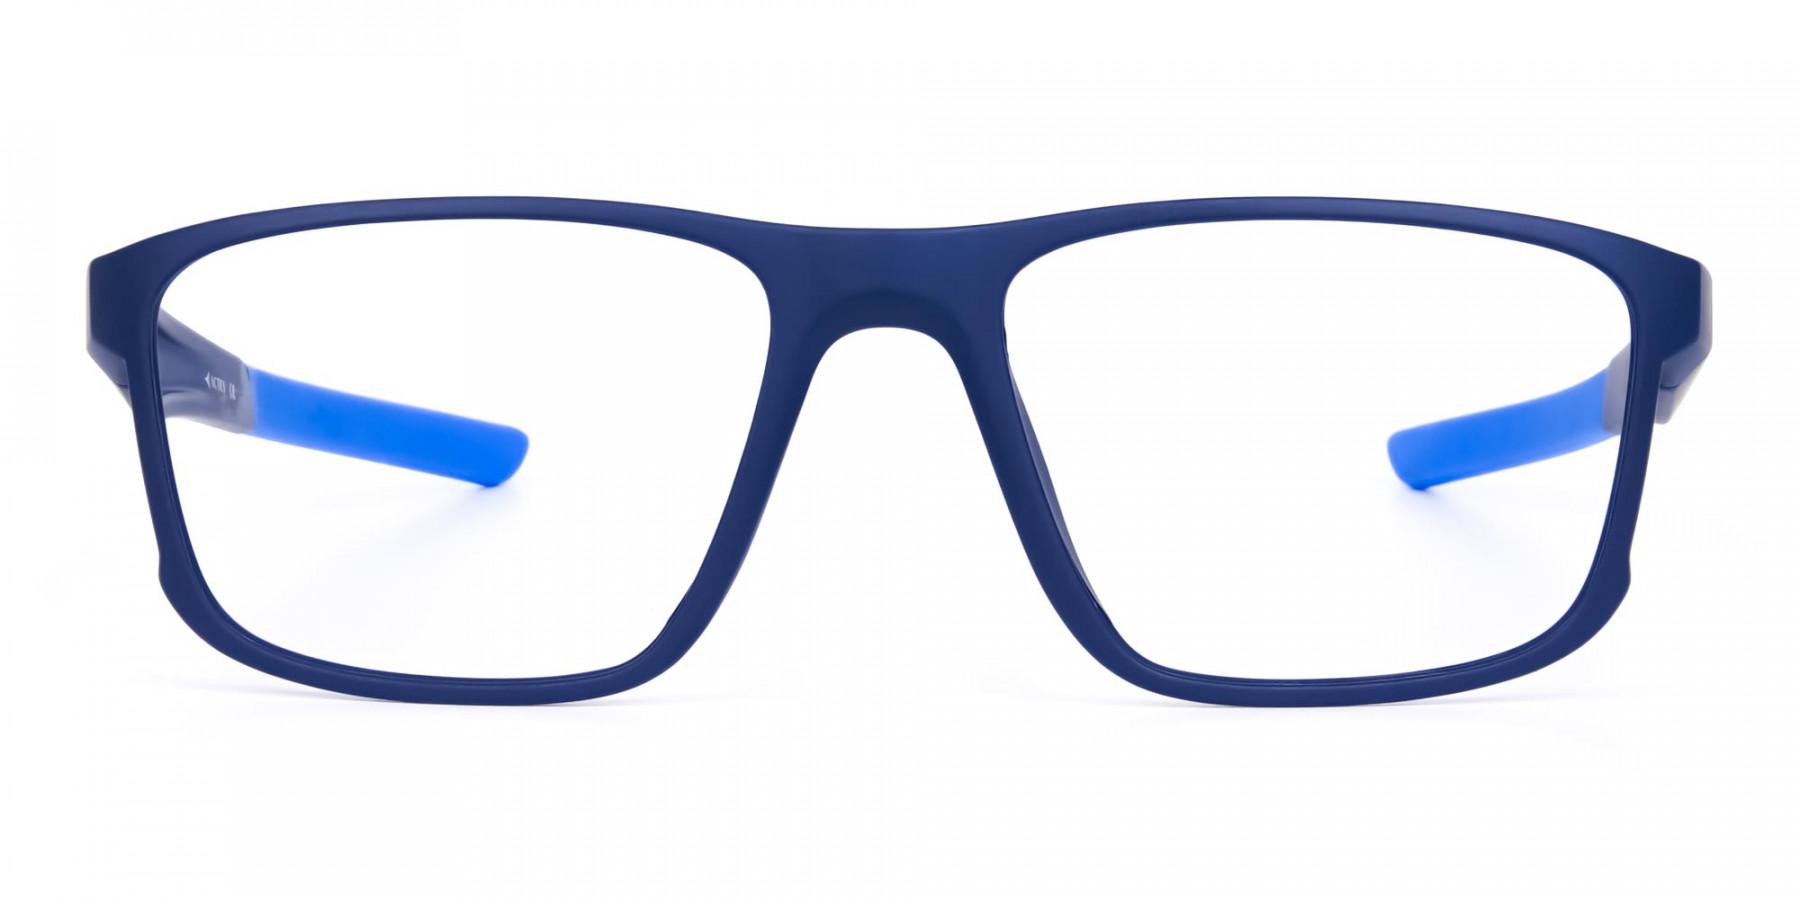 Navy Blue Rectangular polarized fishing glasses-1